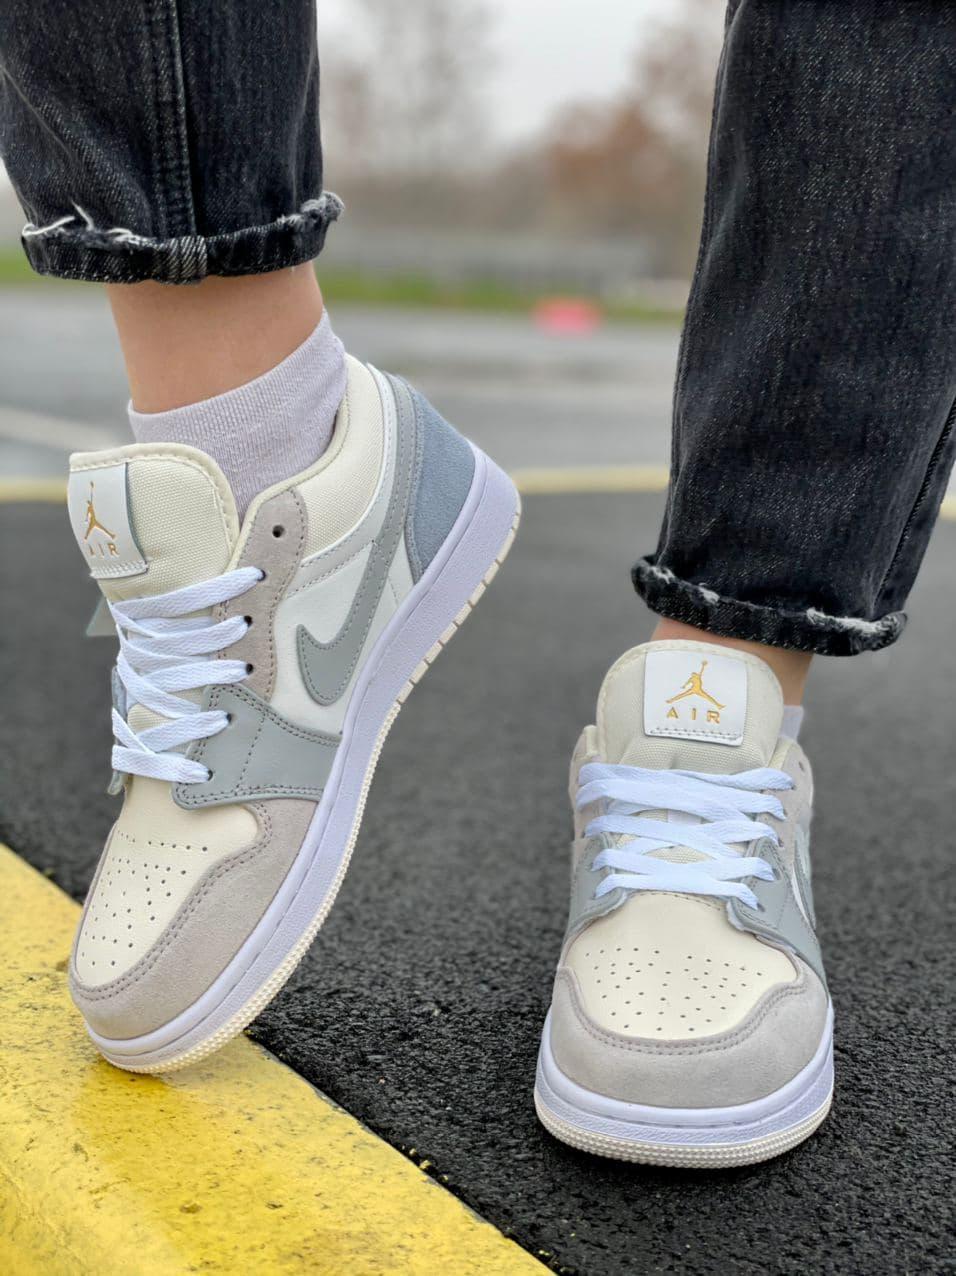 Кросівки жіночі в стилі Nike демі весна/літо/осінь 36/37/38/39/40 